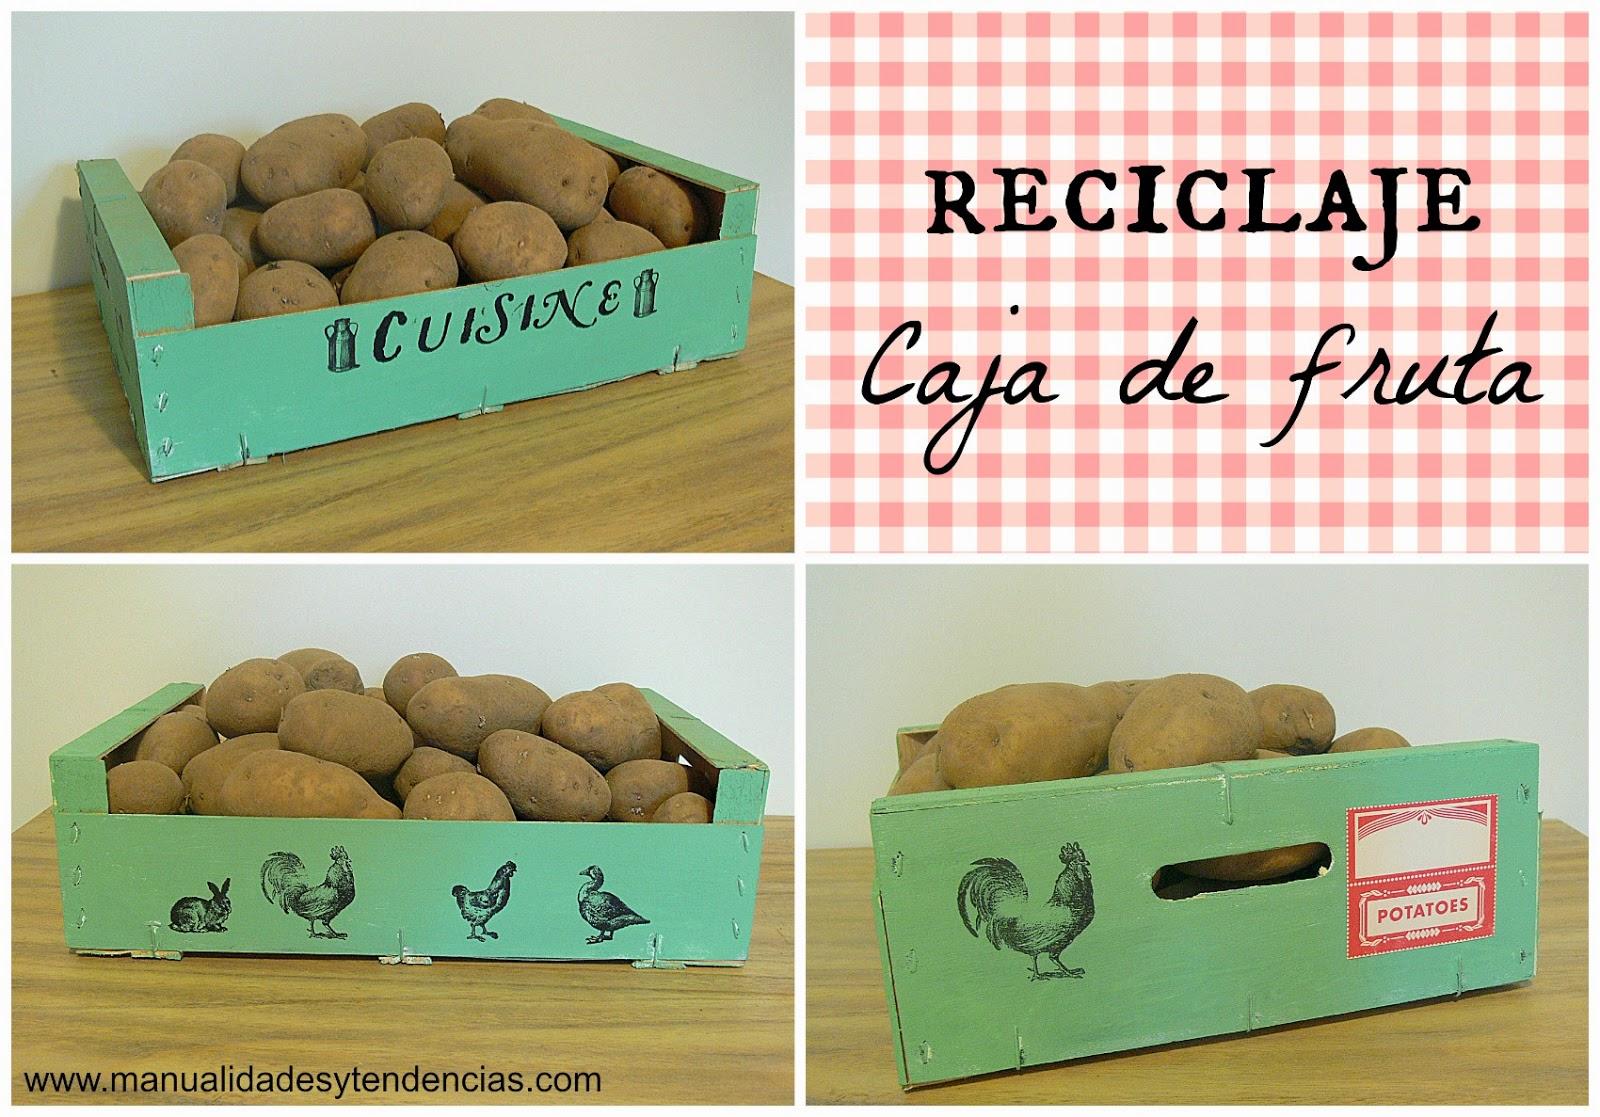 Manualidades y tendencias caja de fruta reciclada - Caja fruta decoracion ...